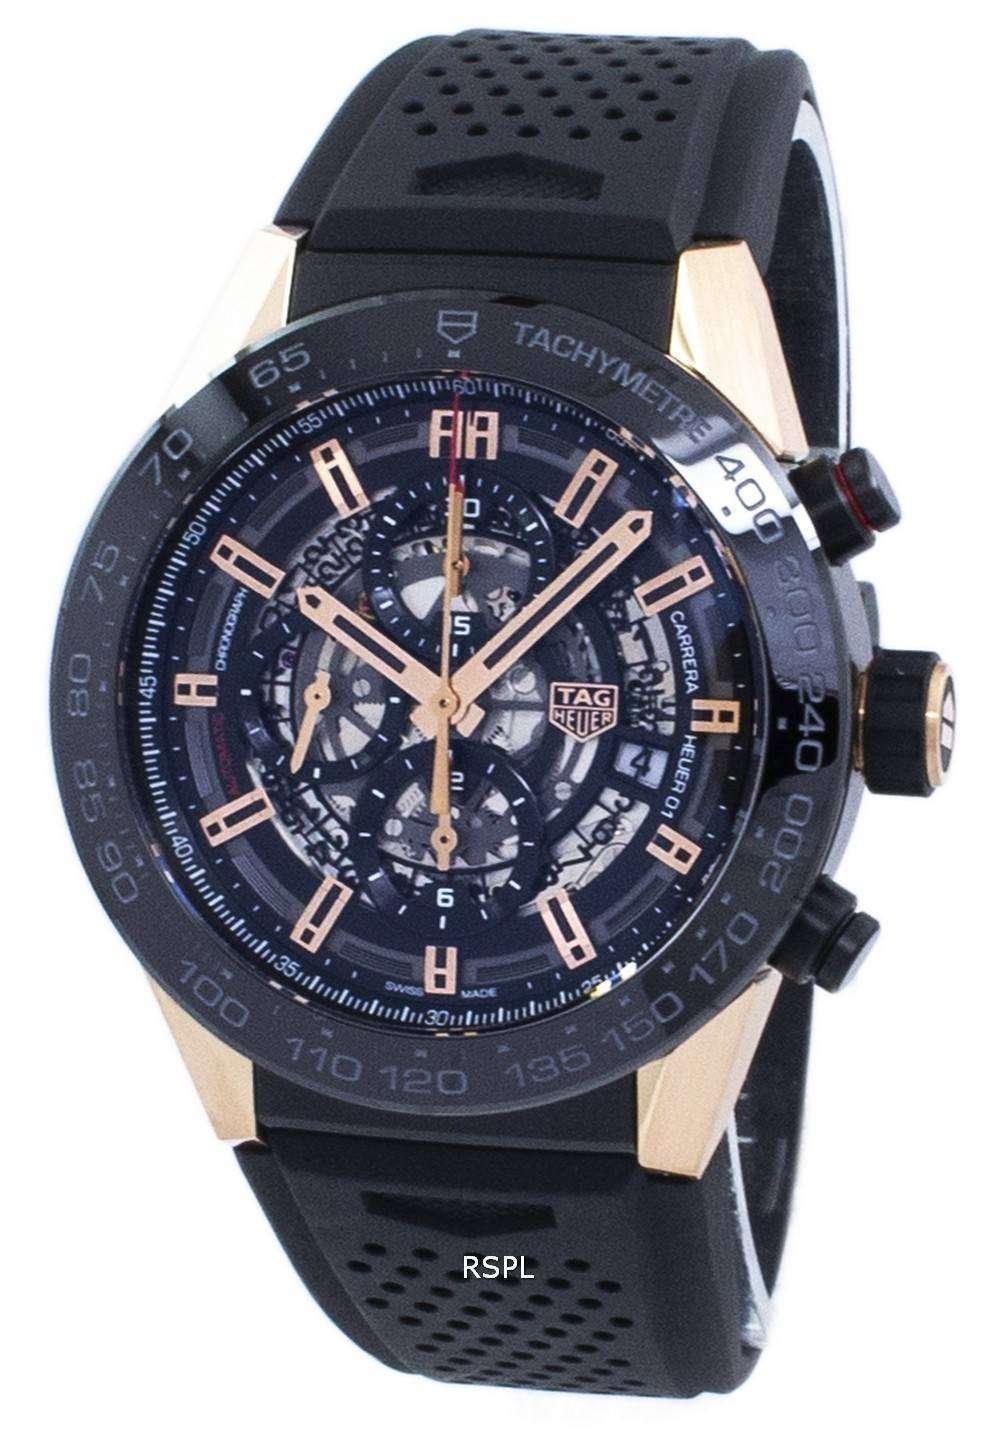 タグ ・ ホイヤー カレラ クロノグラフ自動 CAR2A5A。FT6044 メンズ腕時計